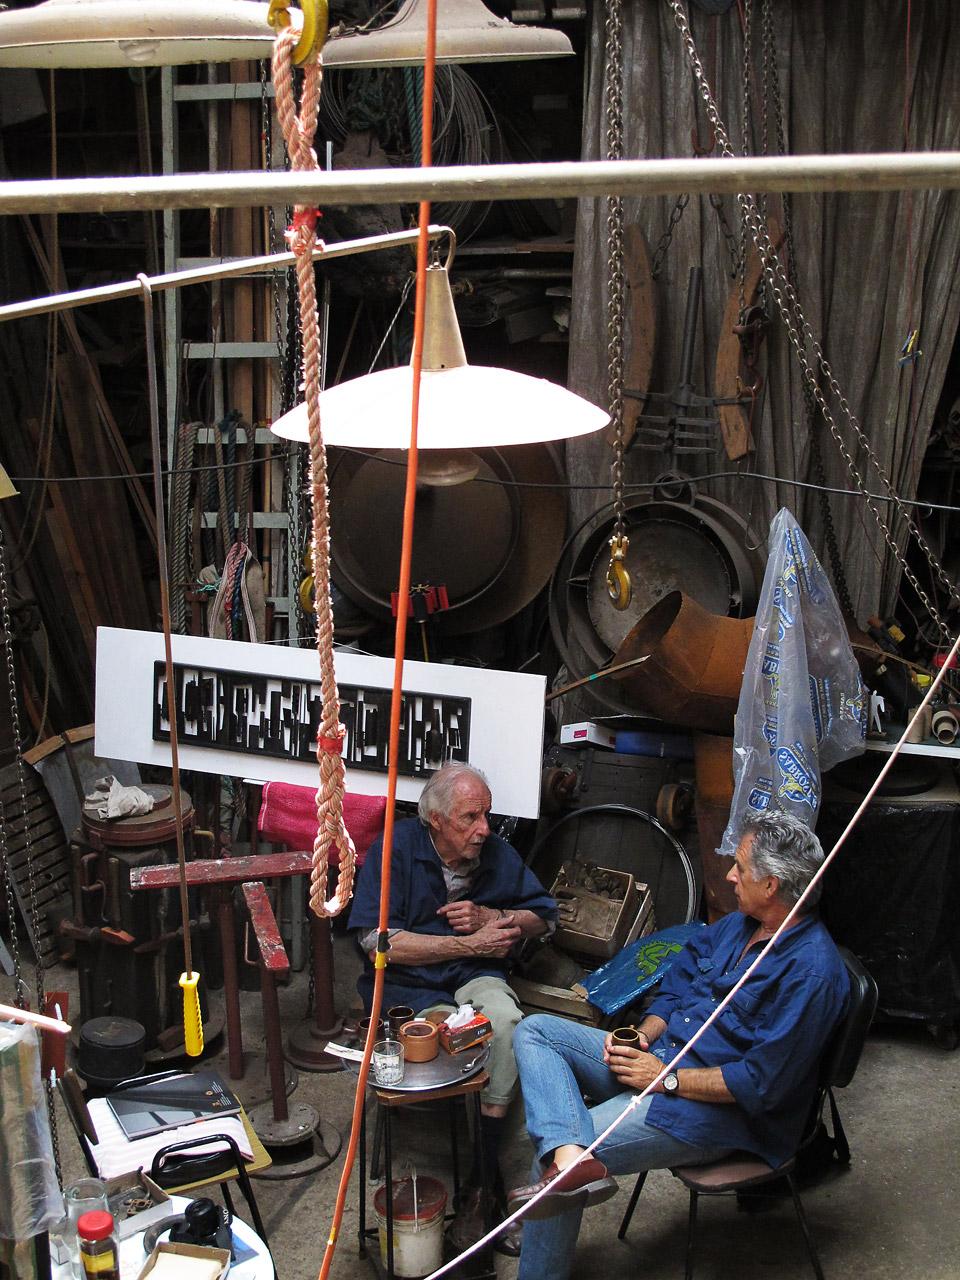 sculptor, montevideo, uruquai •  octavio podestá  in his atelier talking with photographer  oscar bonilla